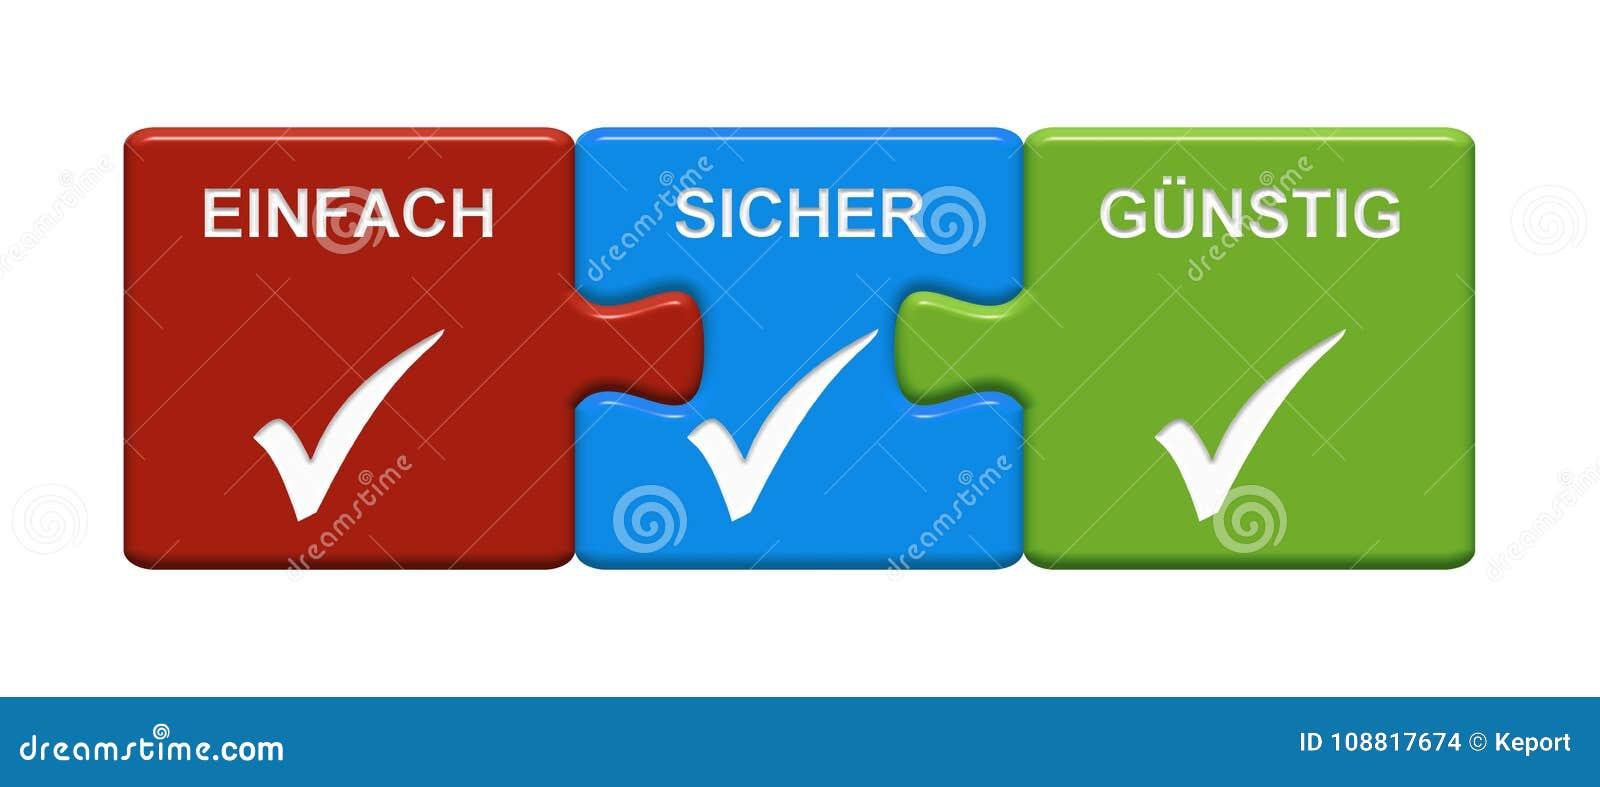 3 κουμπιά γρίφων που παρουσιάζουν εύκολα ασφαλή φτηνά γερμανικά